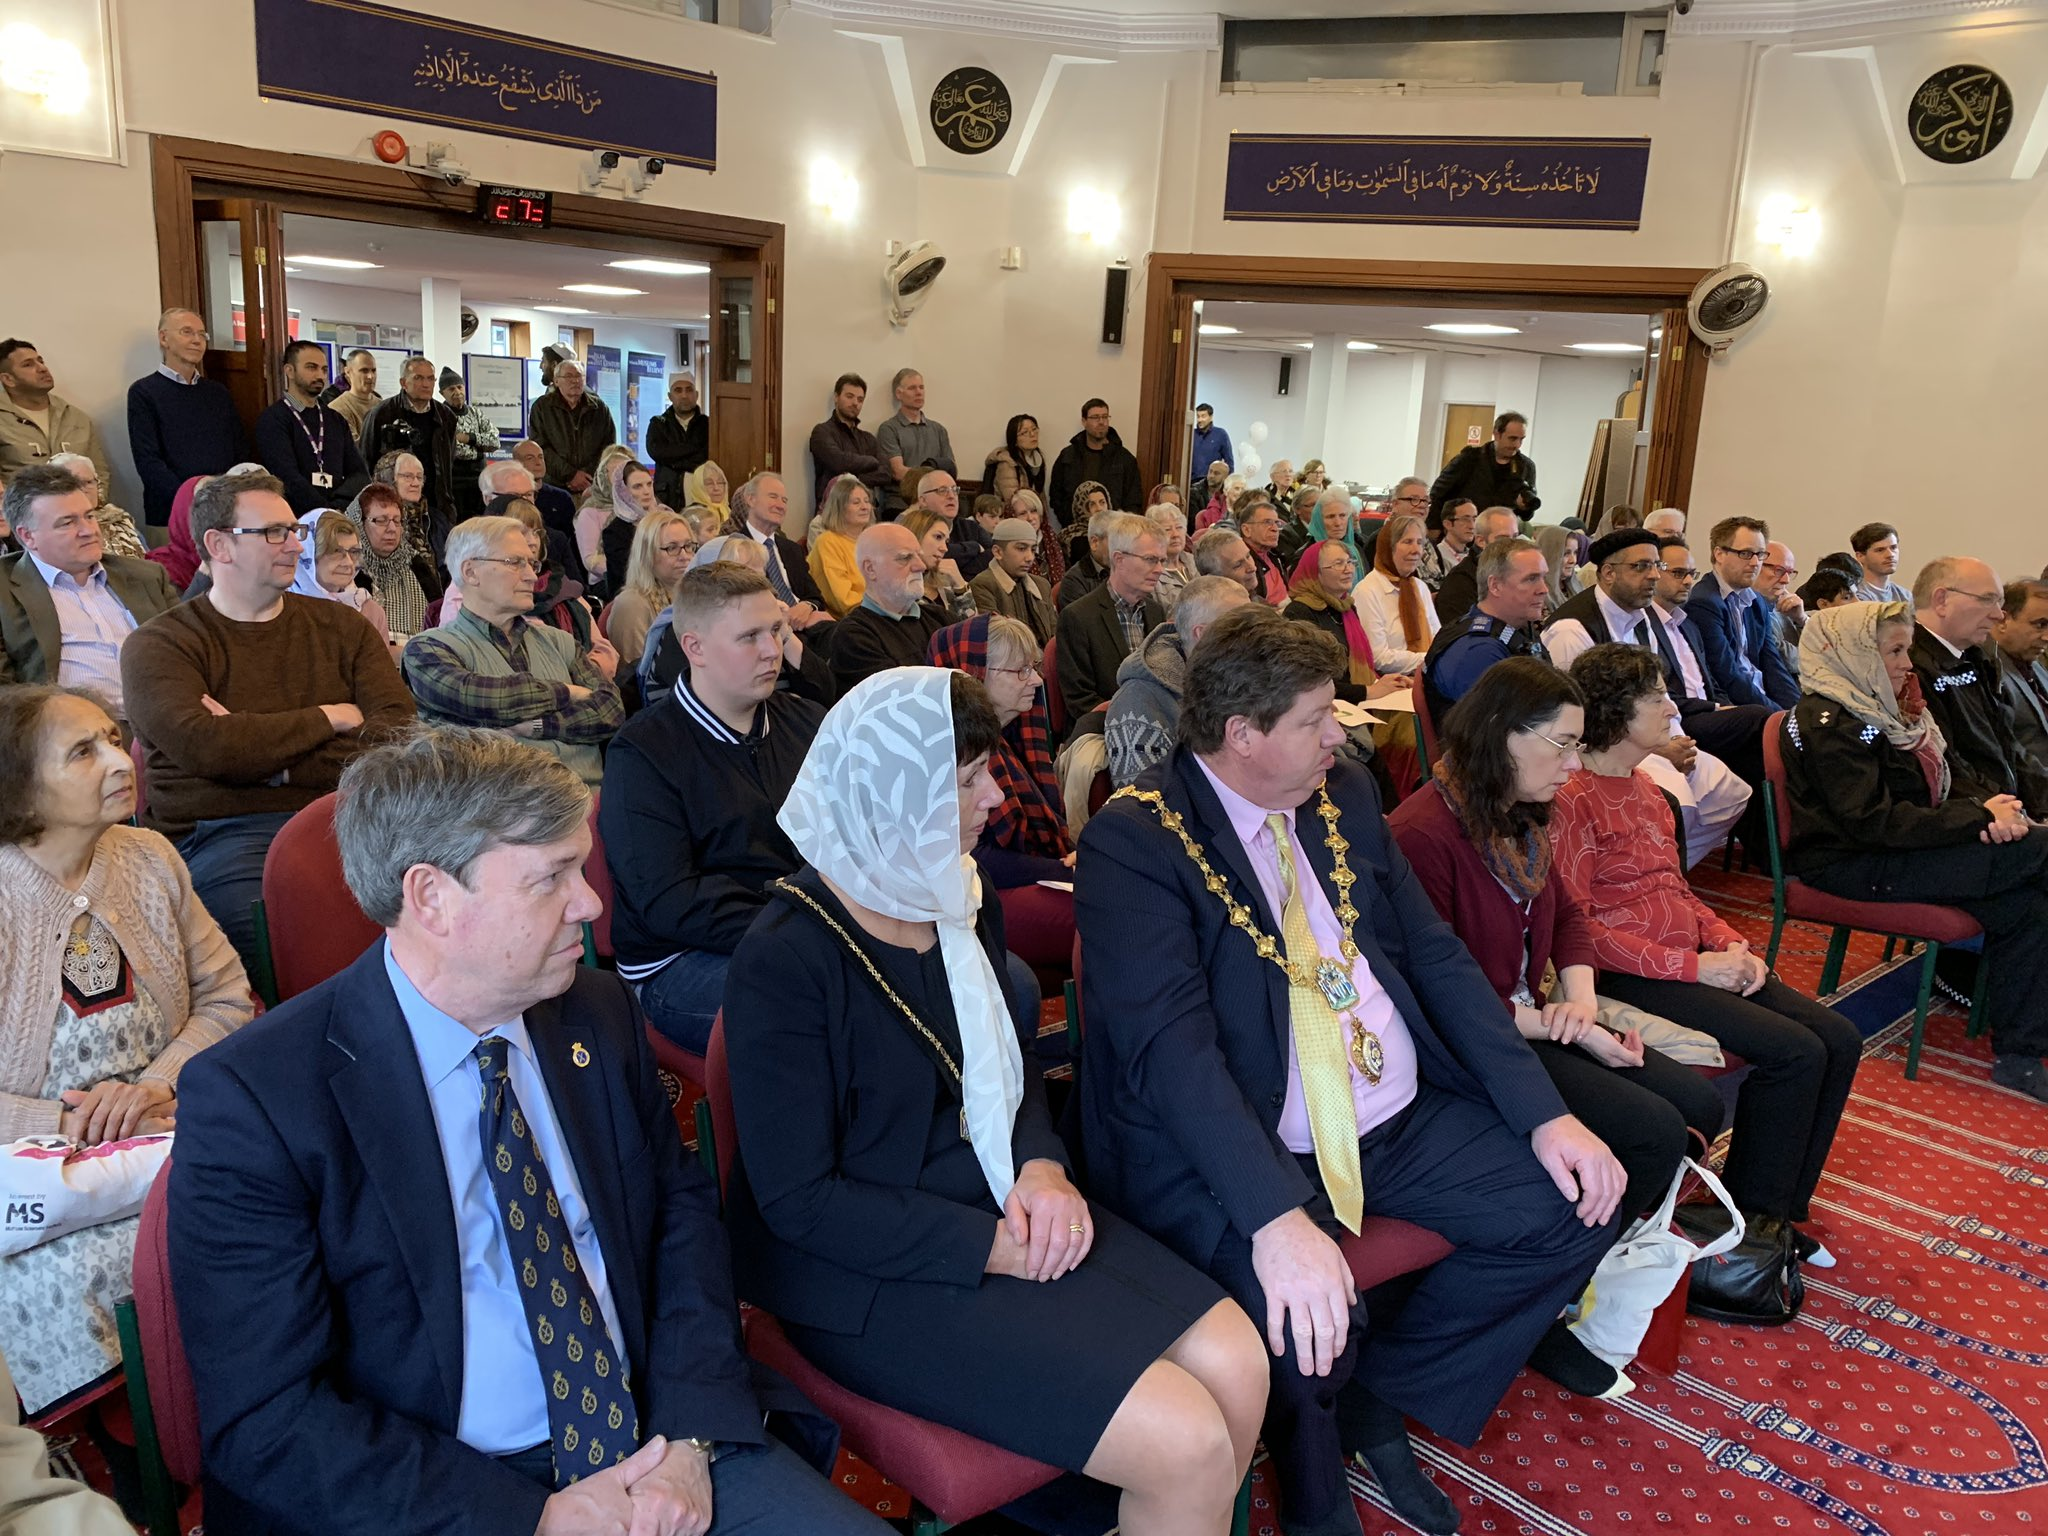 मेरी मस्जिद देखो: ब्रिटेन के 250 मस्जिदों की पहल! 7